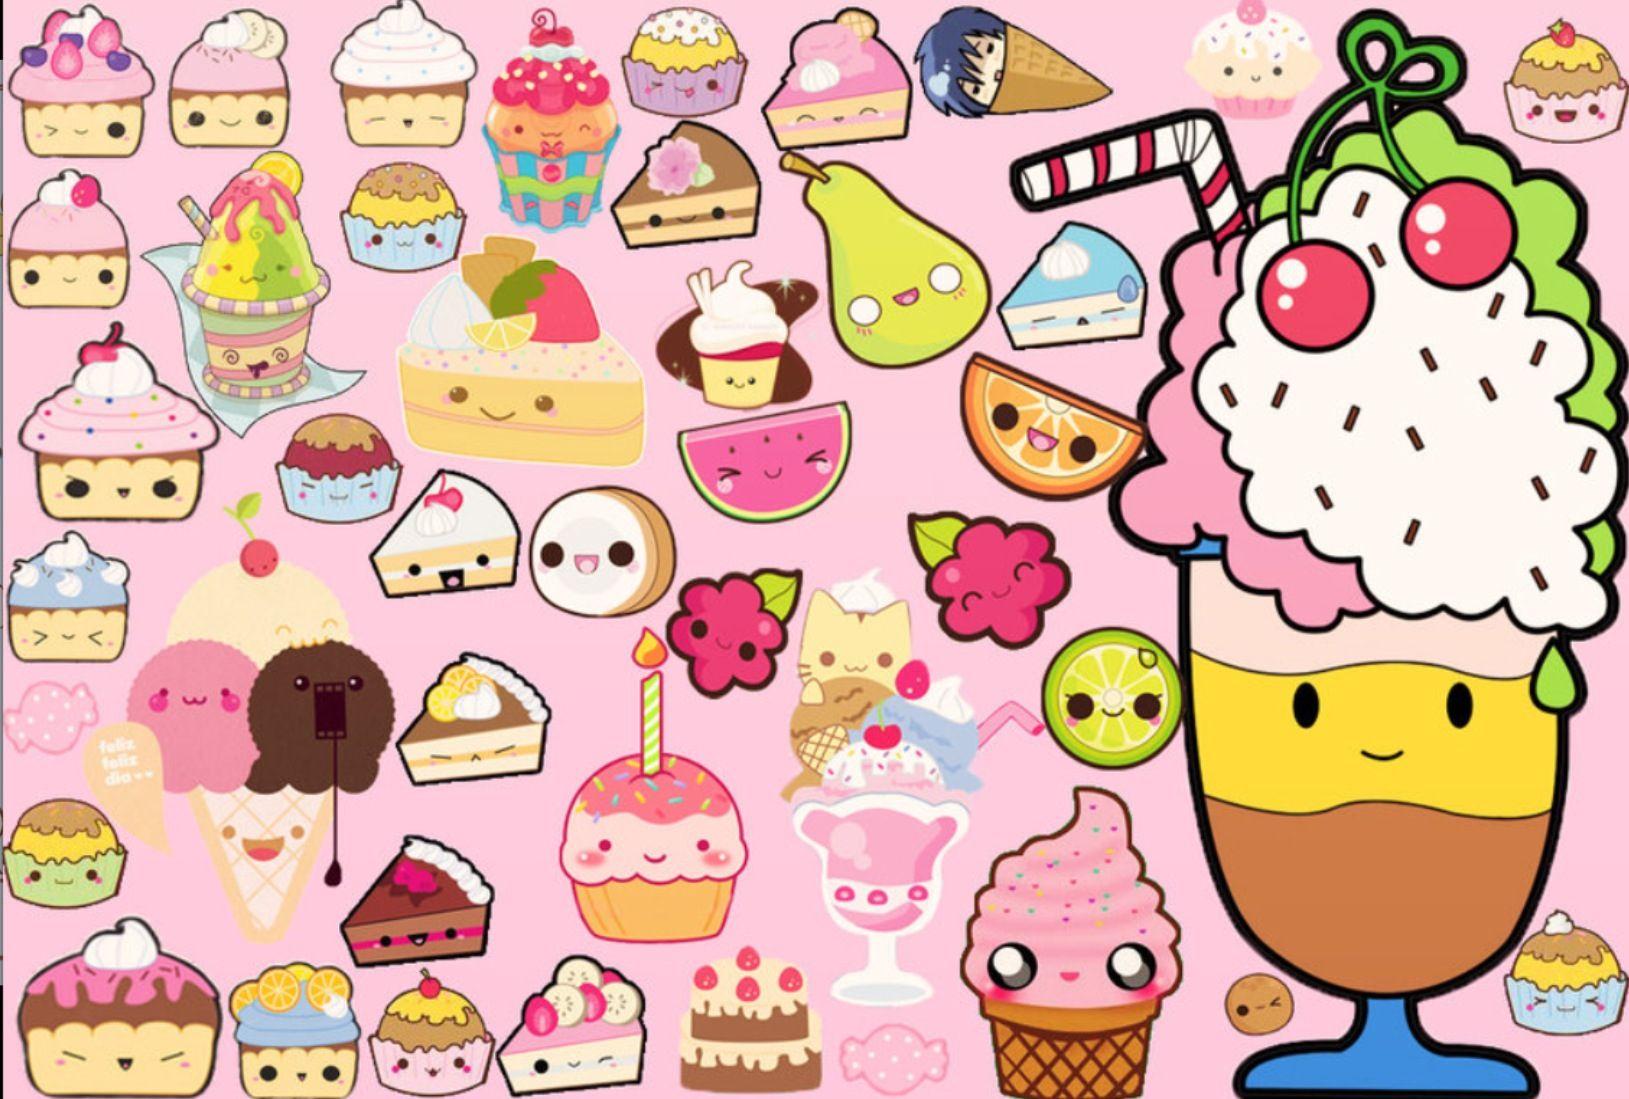 Cute kawaii wallpaper Wallpapers Pinterest Kawaii